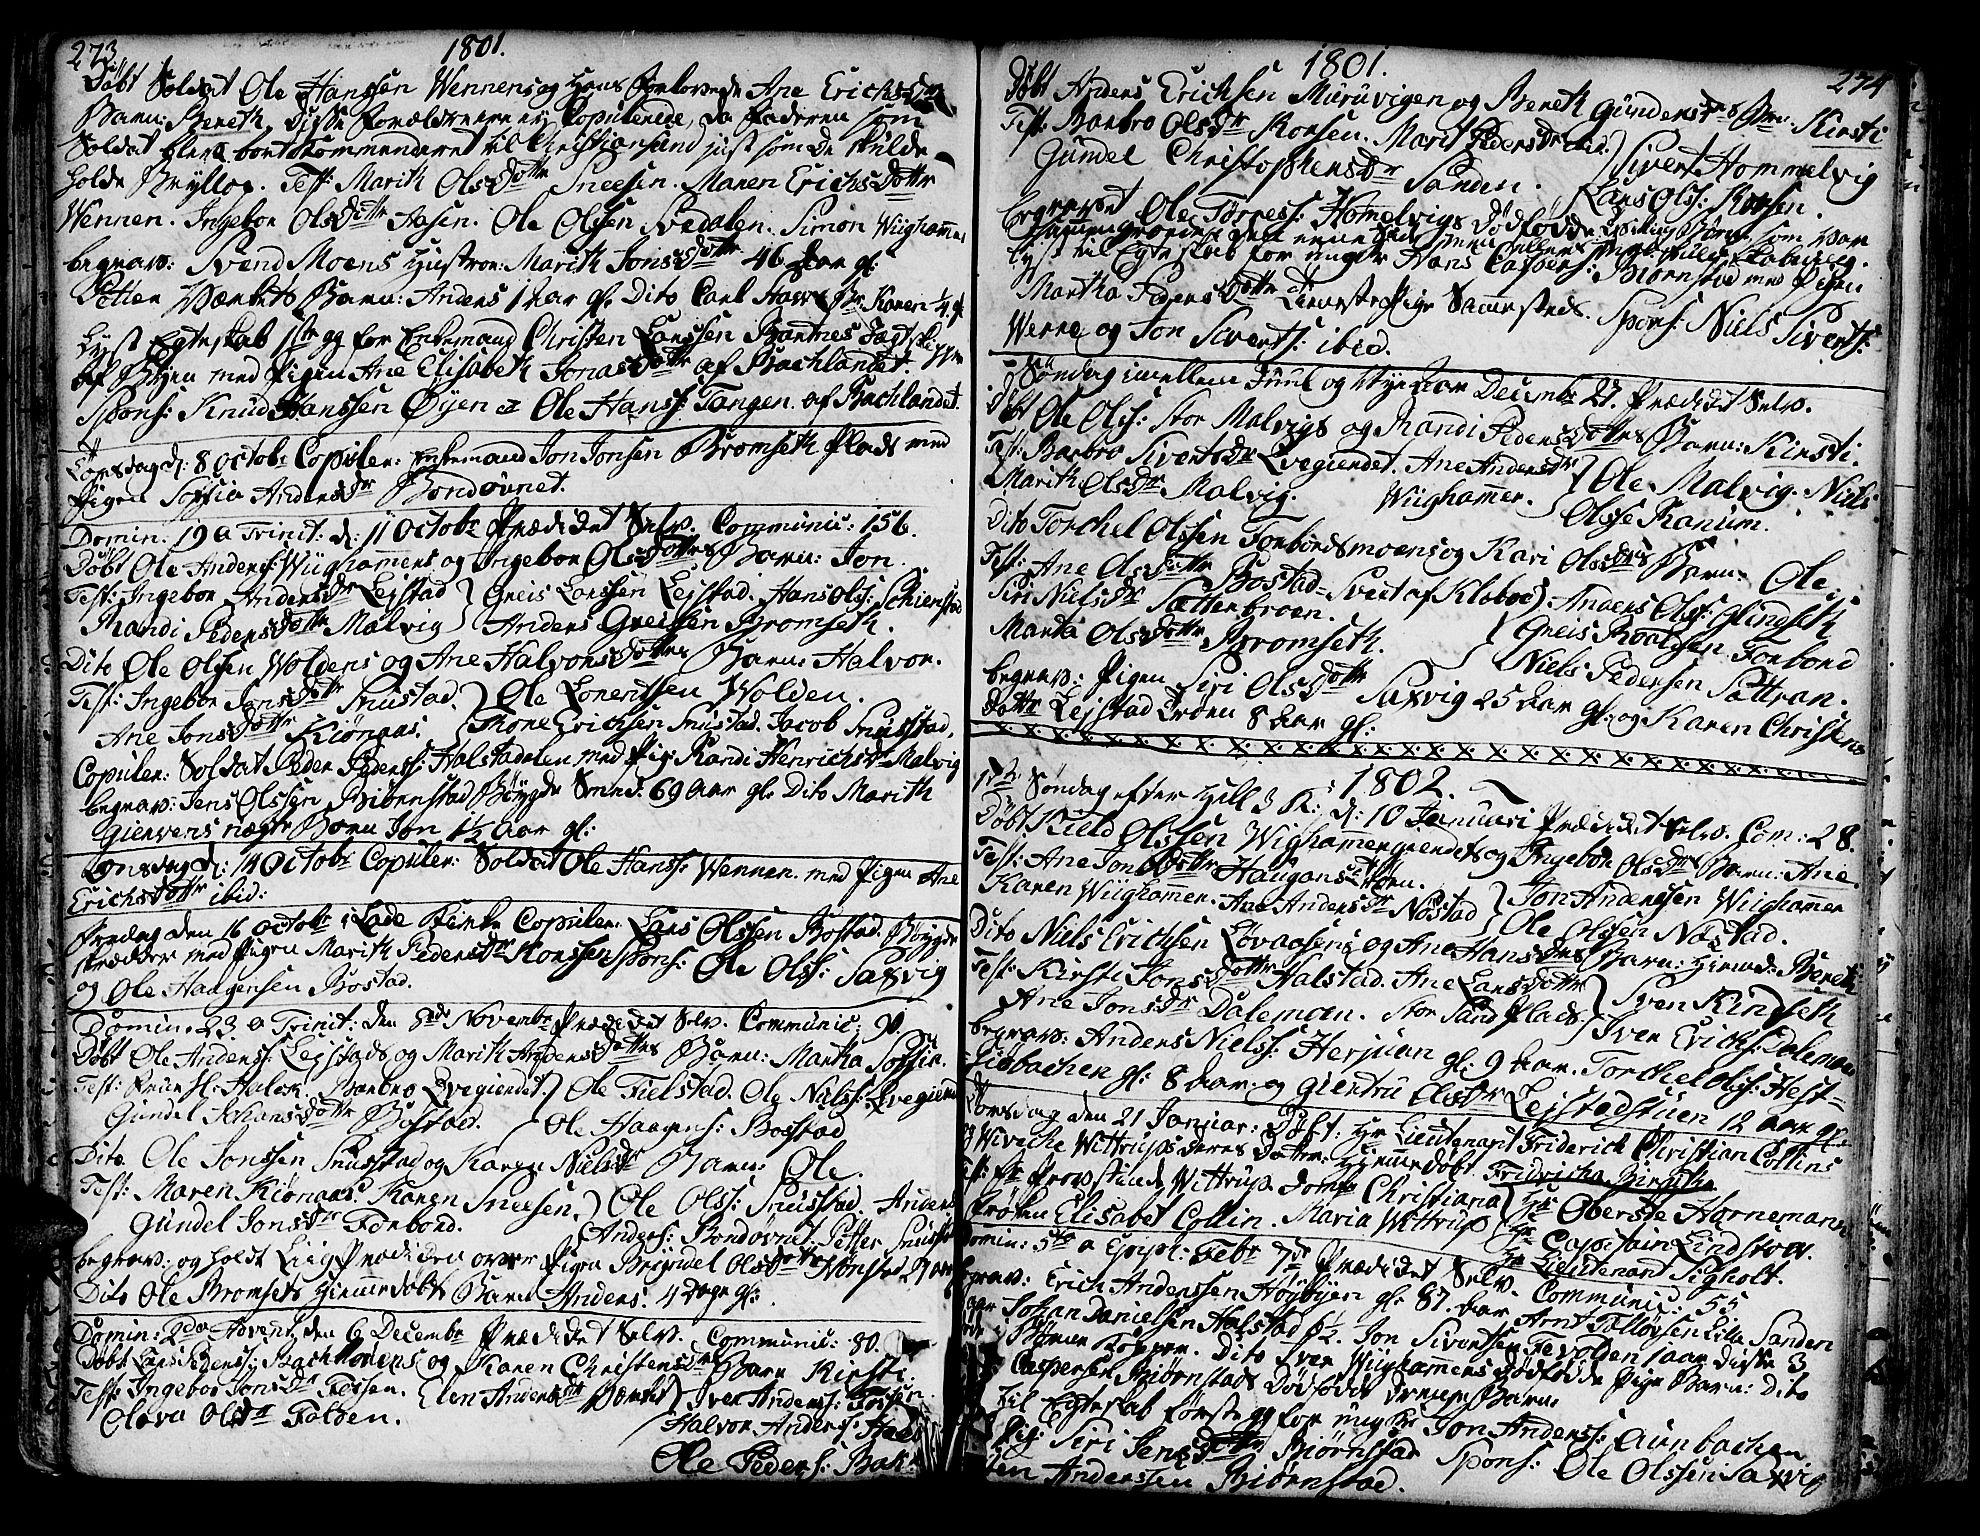 SAT, Ministerialprotokoller, klokkerbøker og fødselsregistre - Sør-Trøndelag, 606/L0281: Ministerialbok nr. 606A02 /2, 1781-1817, s. 273-274